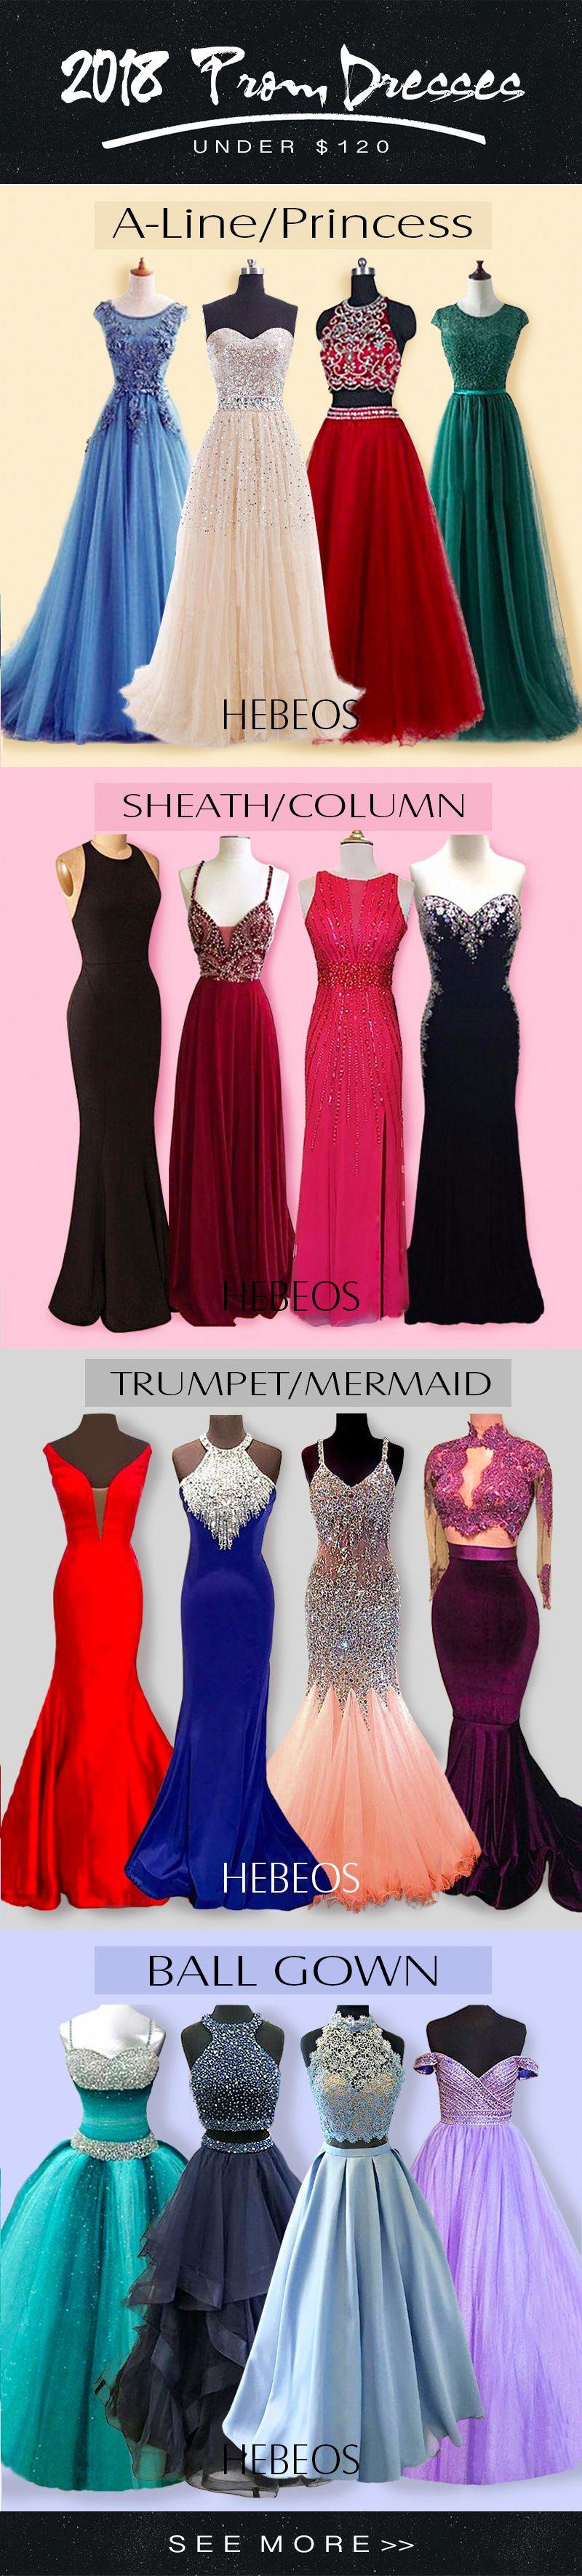 Prom dresses big night dress ideas and prom